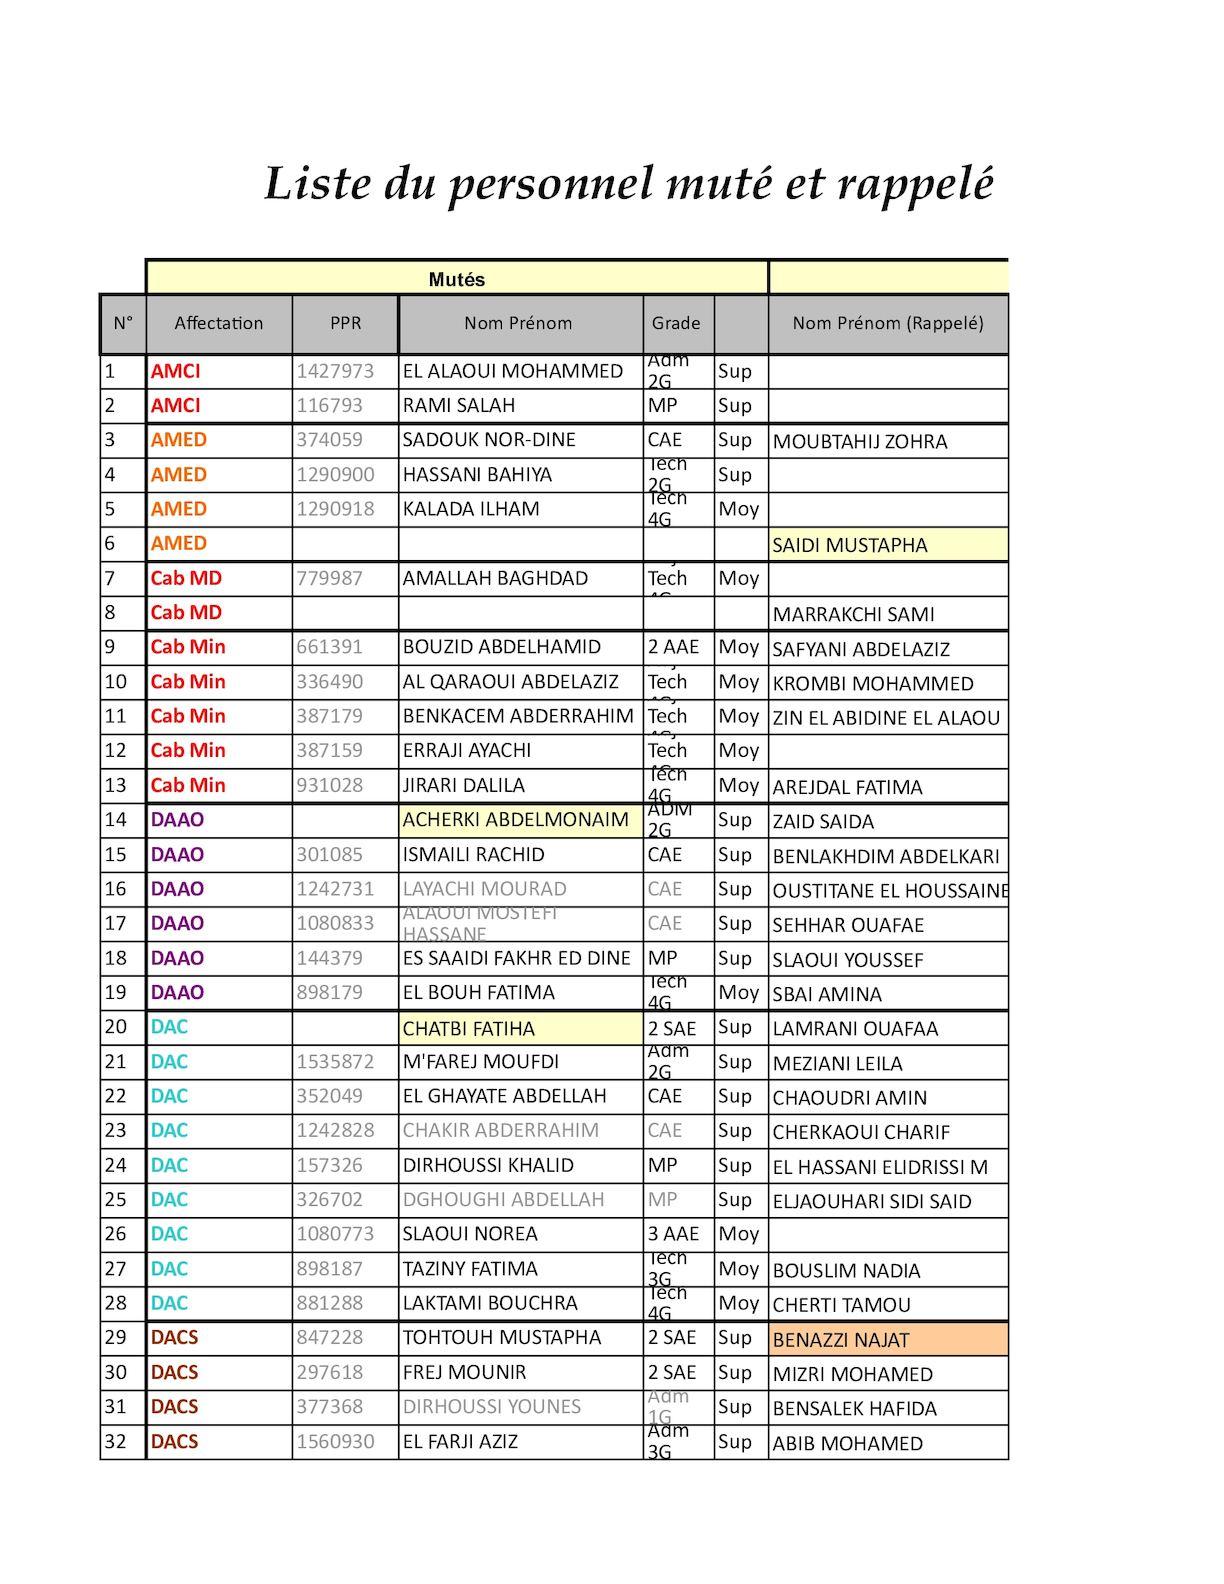 Affectation Des Rappelés 04 09 2012